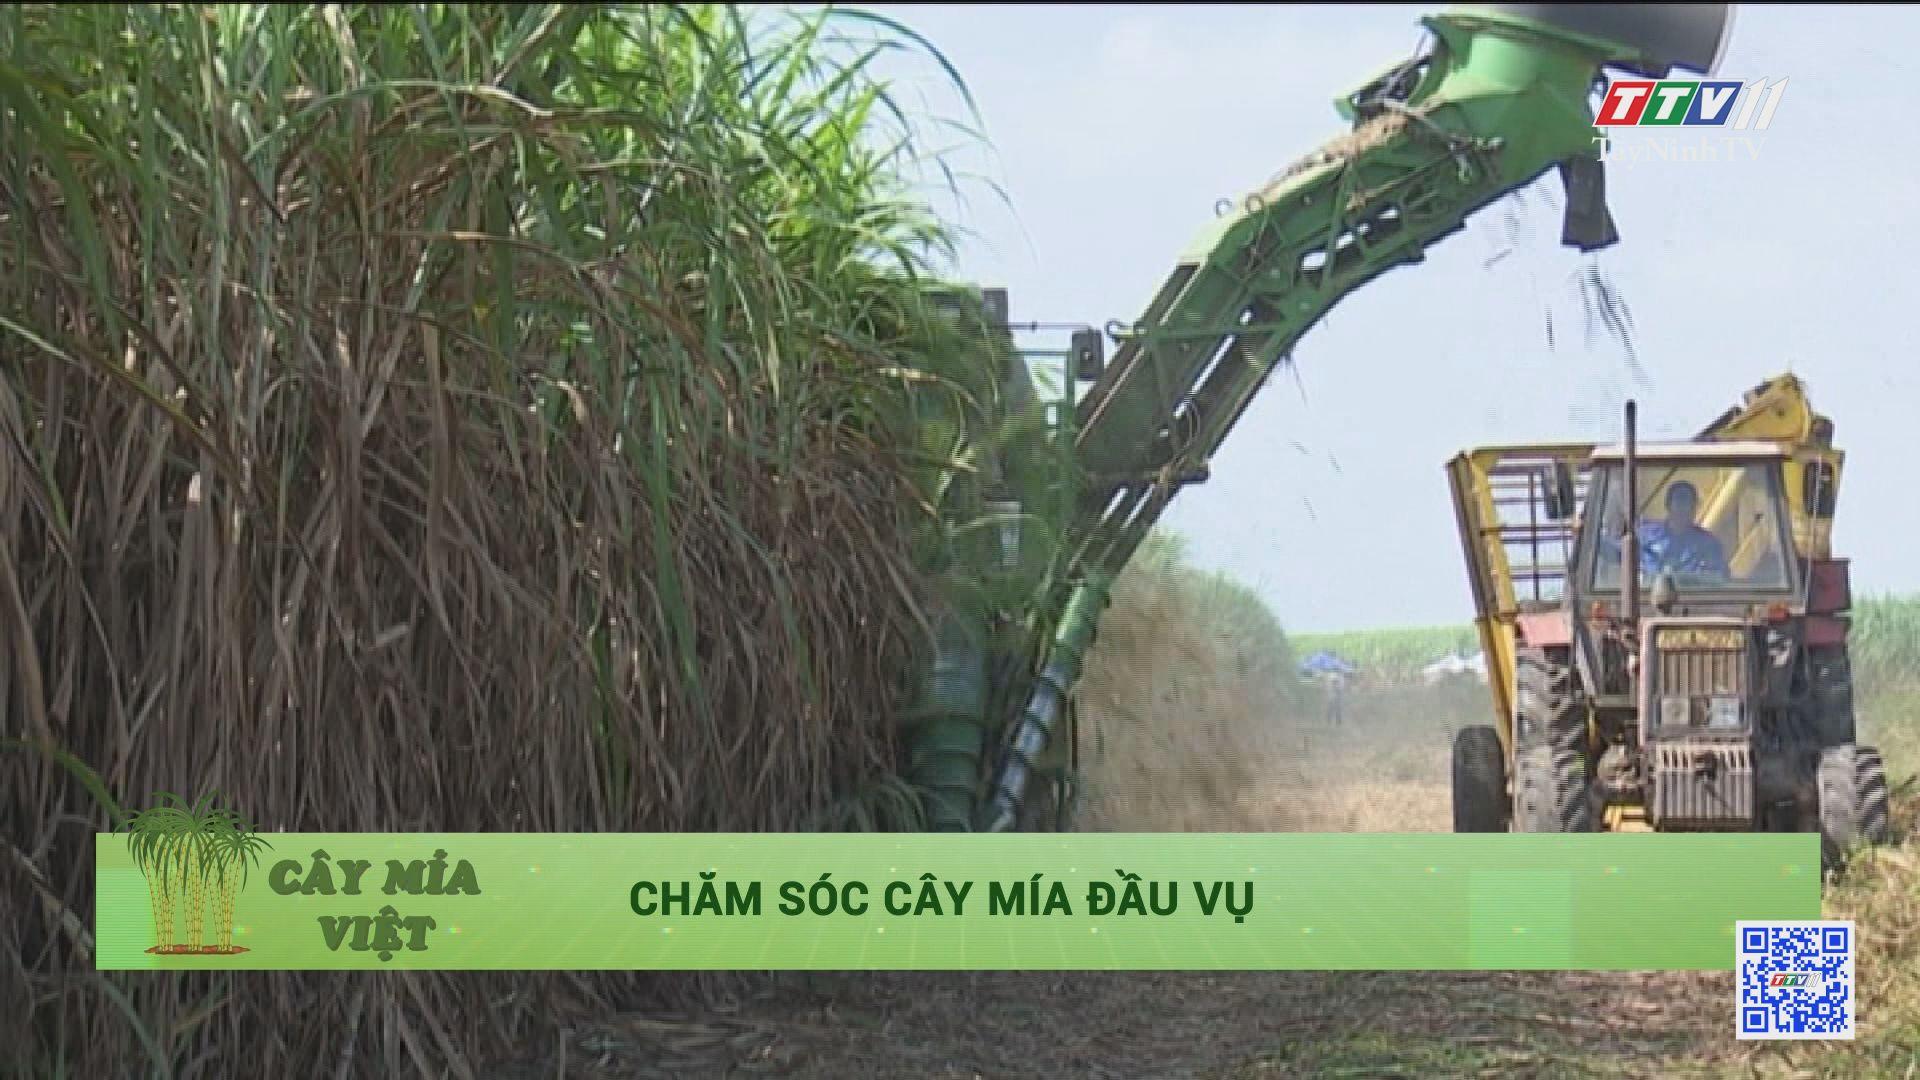 Chăm sóc cây mía đầu vụ | Cây mía Việt | TâyNinhTV